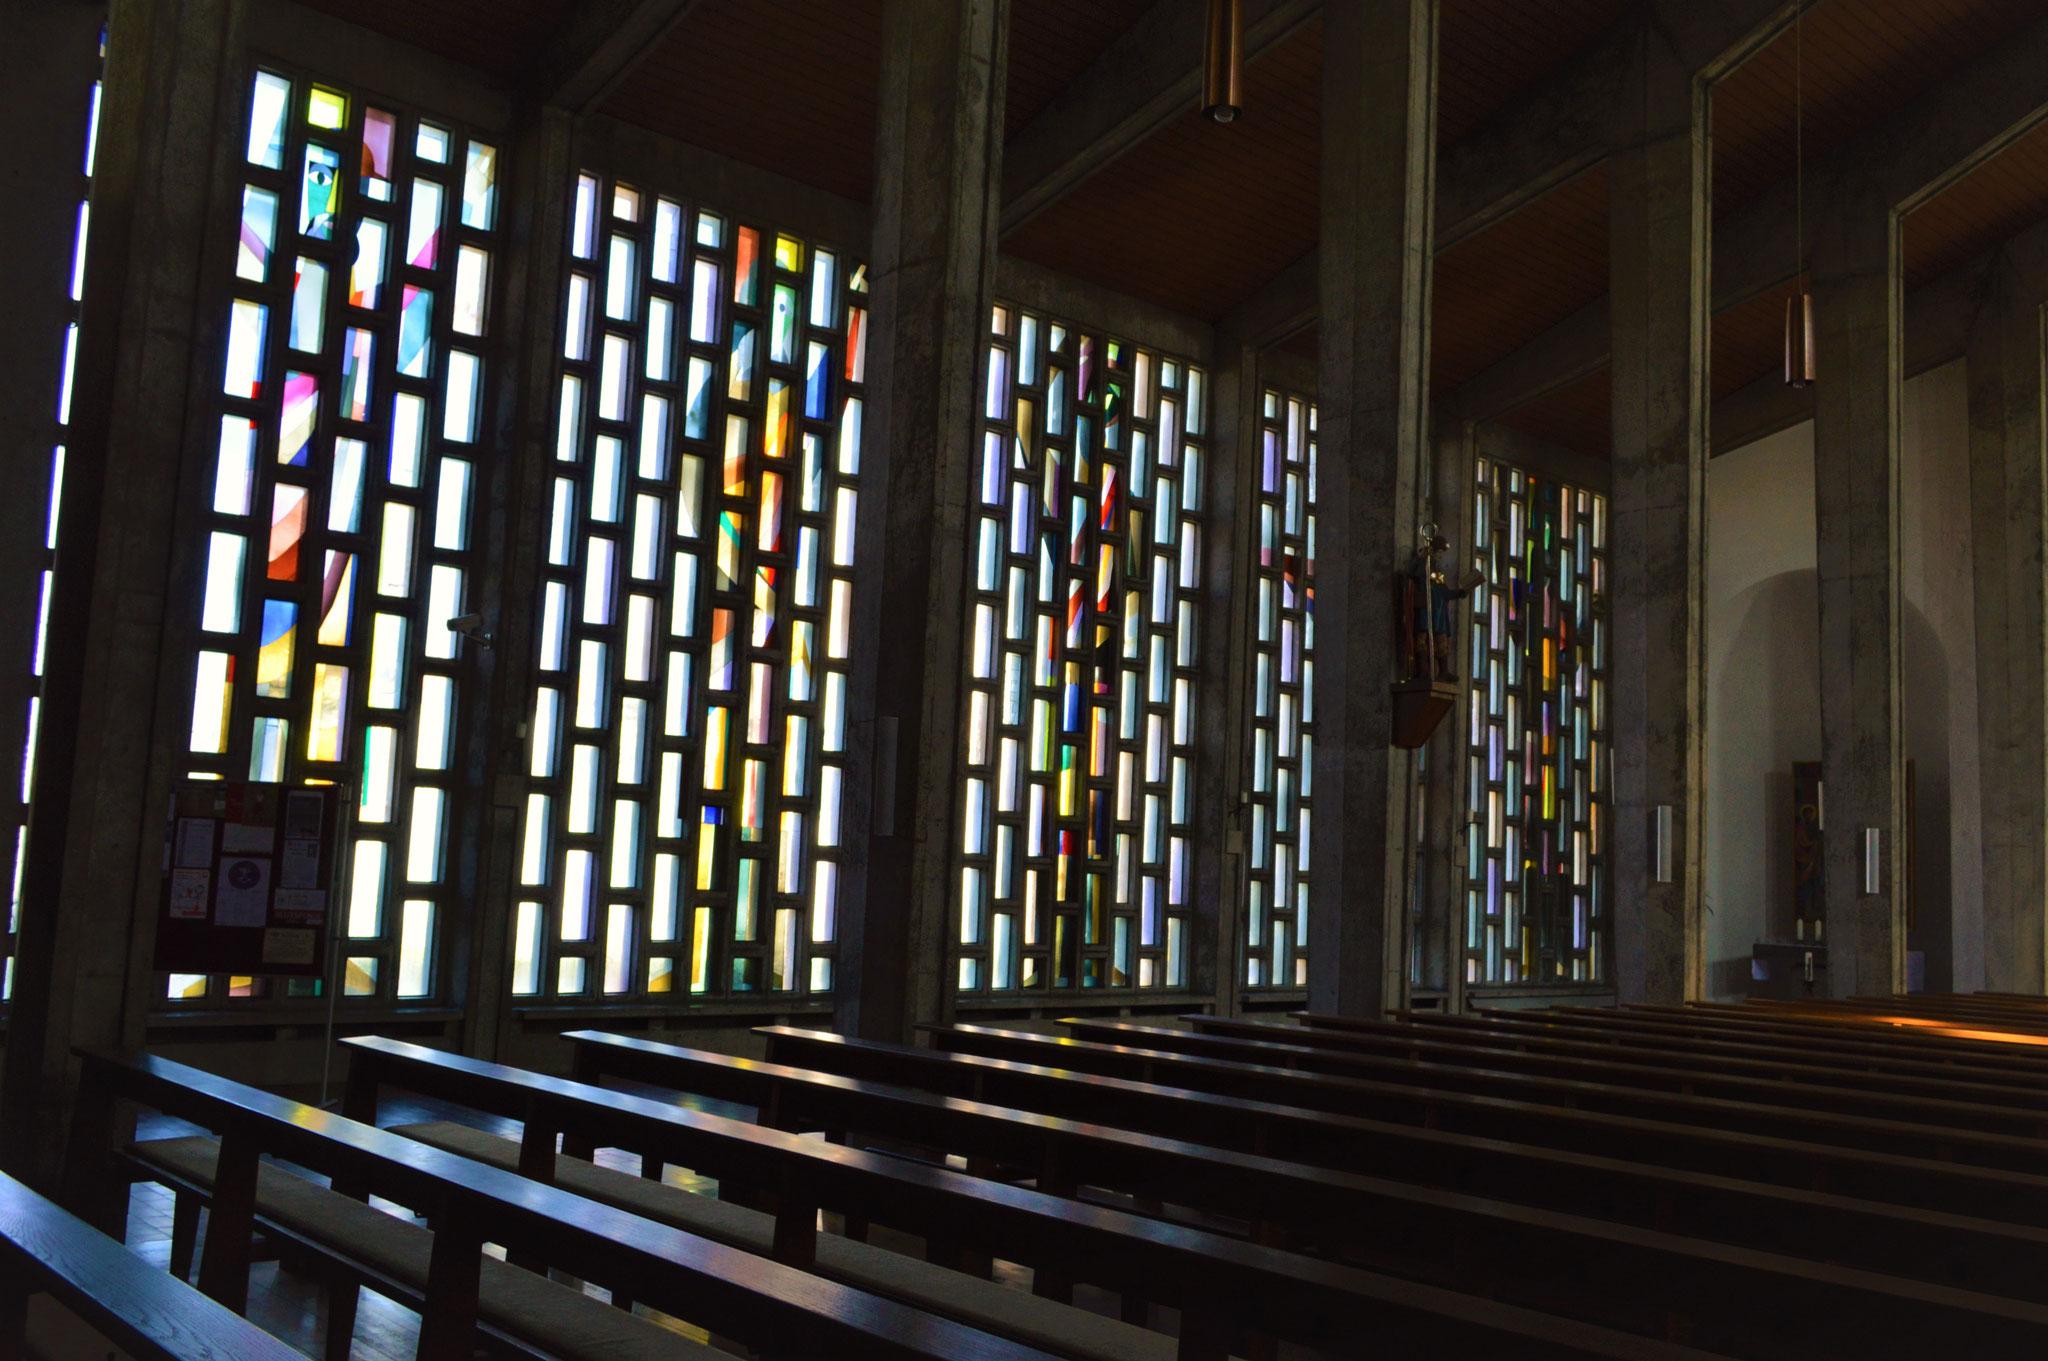 Seitengang mit Prophetenfenstern